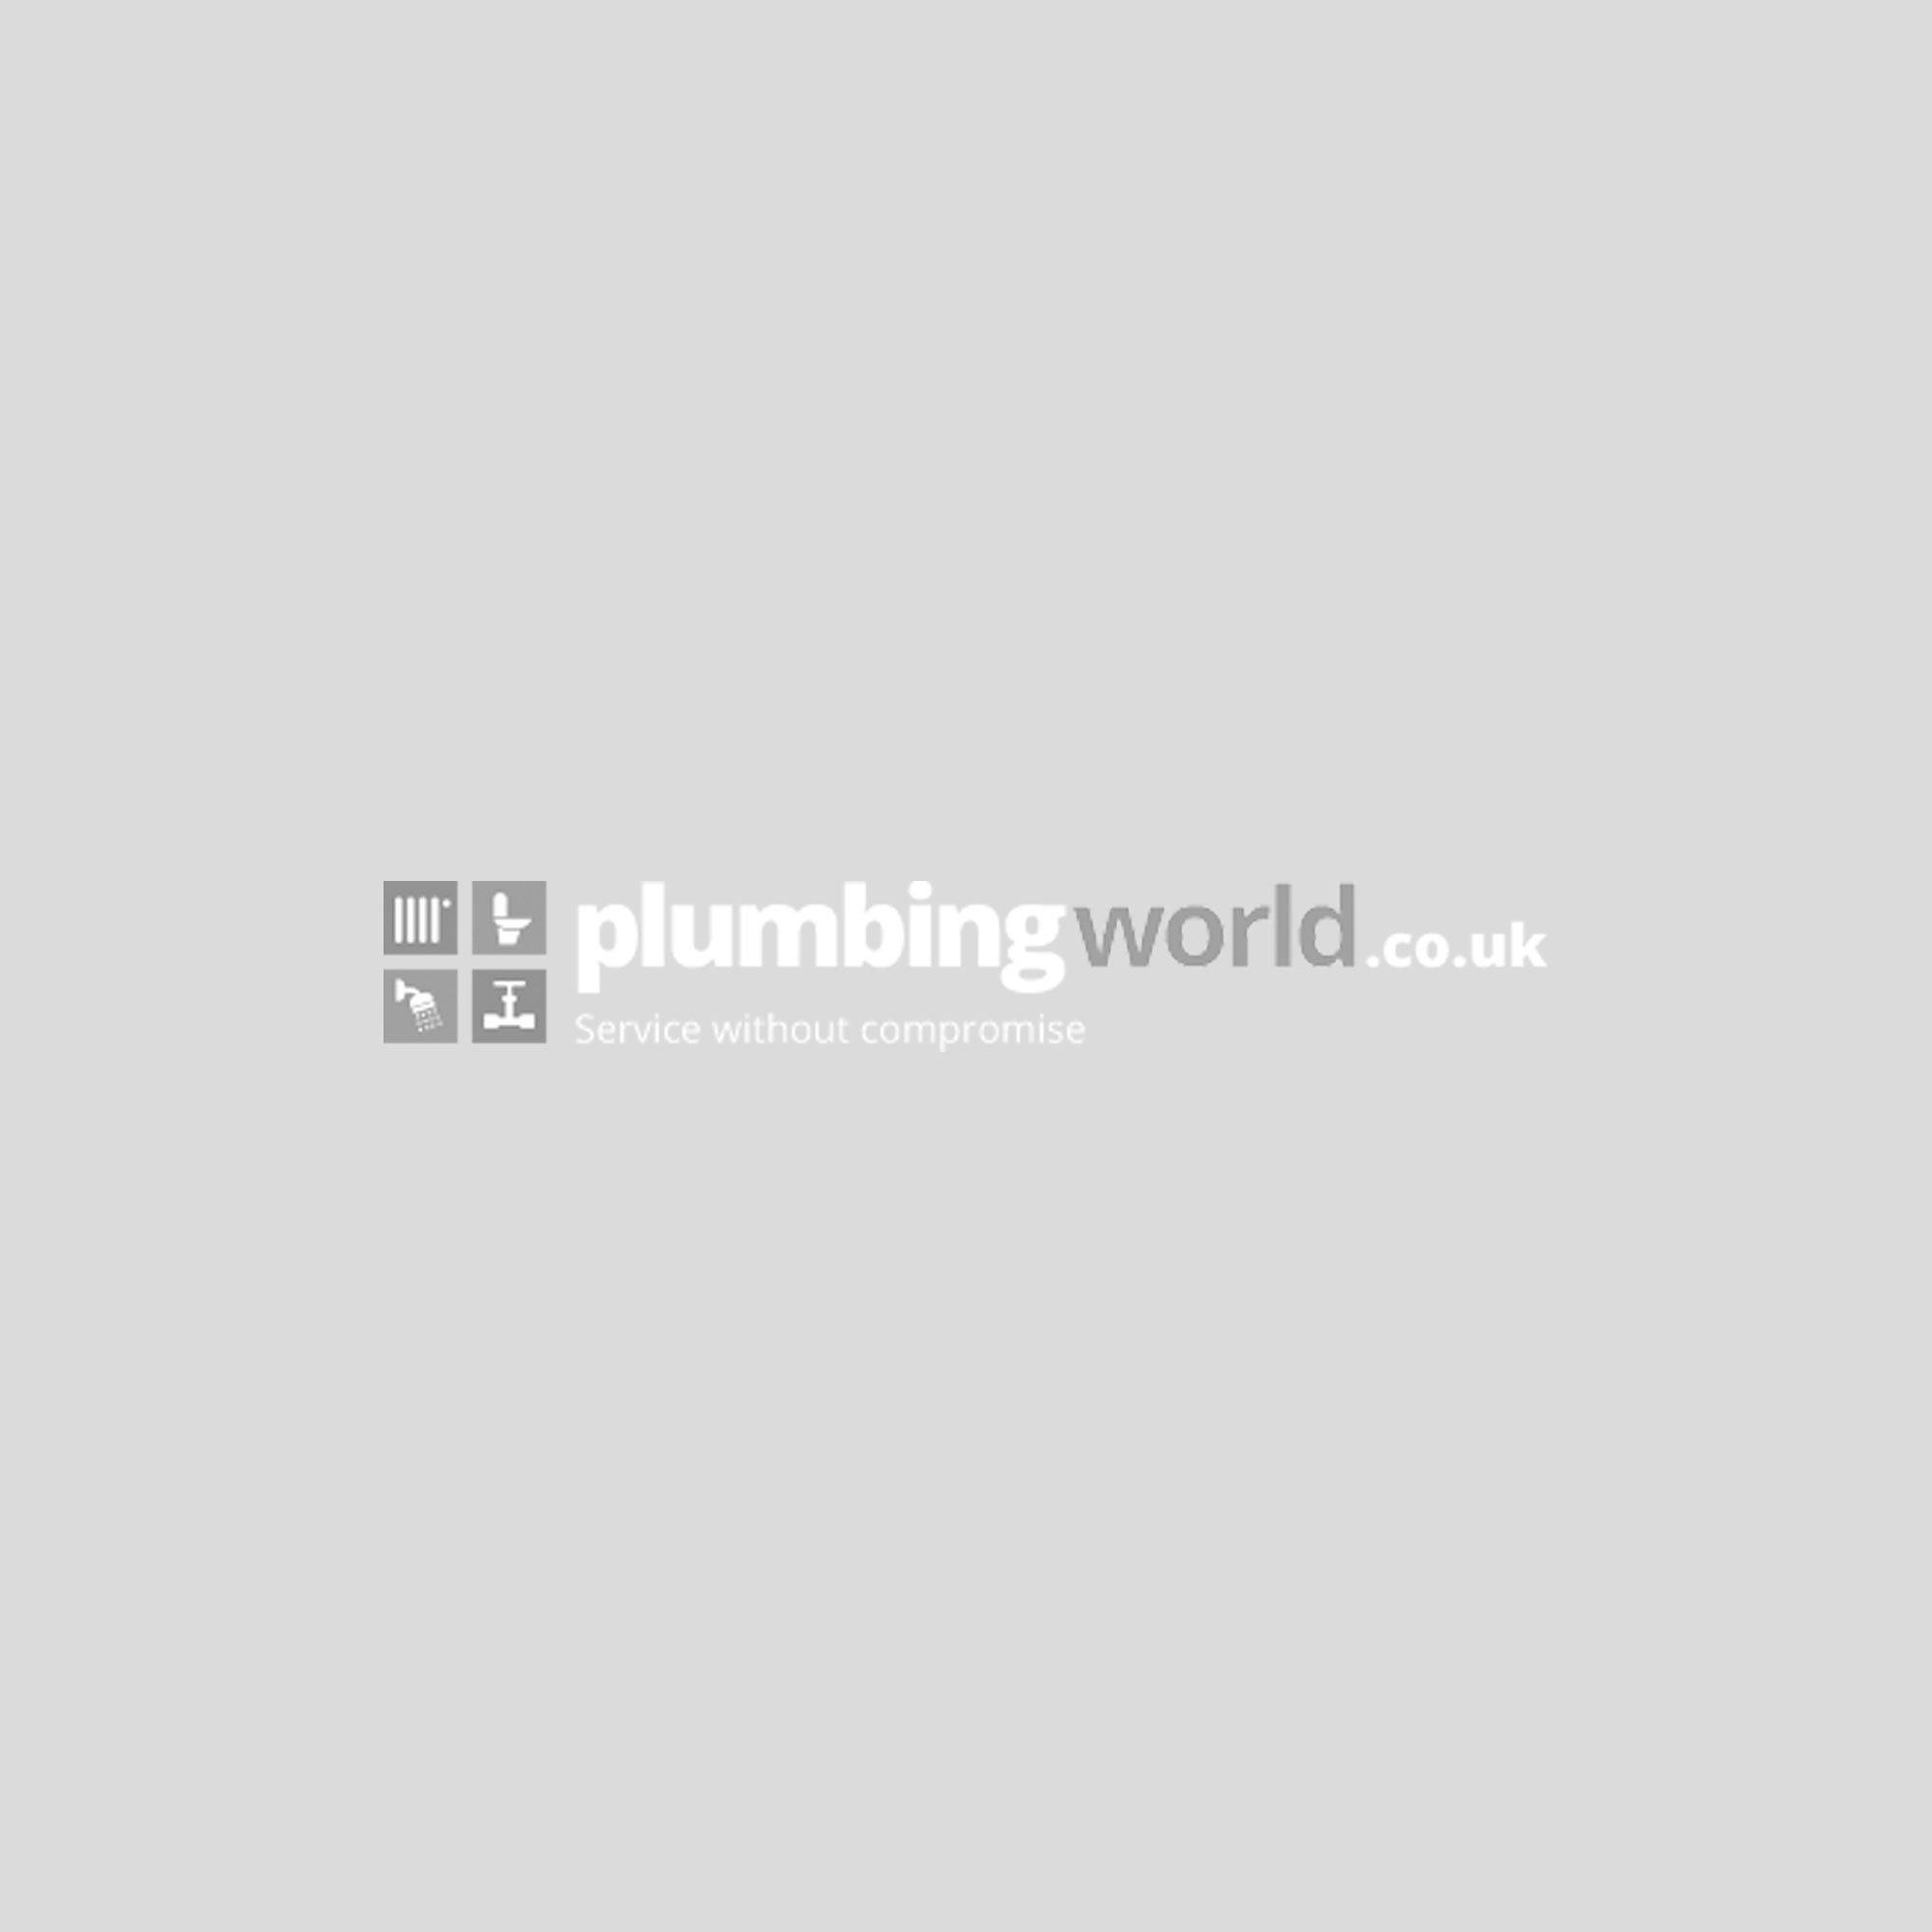 1200mm wide x 2400mm High x 10mm Depth PVC Shower Panel - Grey Concrete Matt